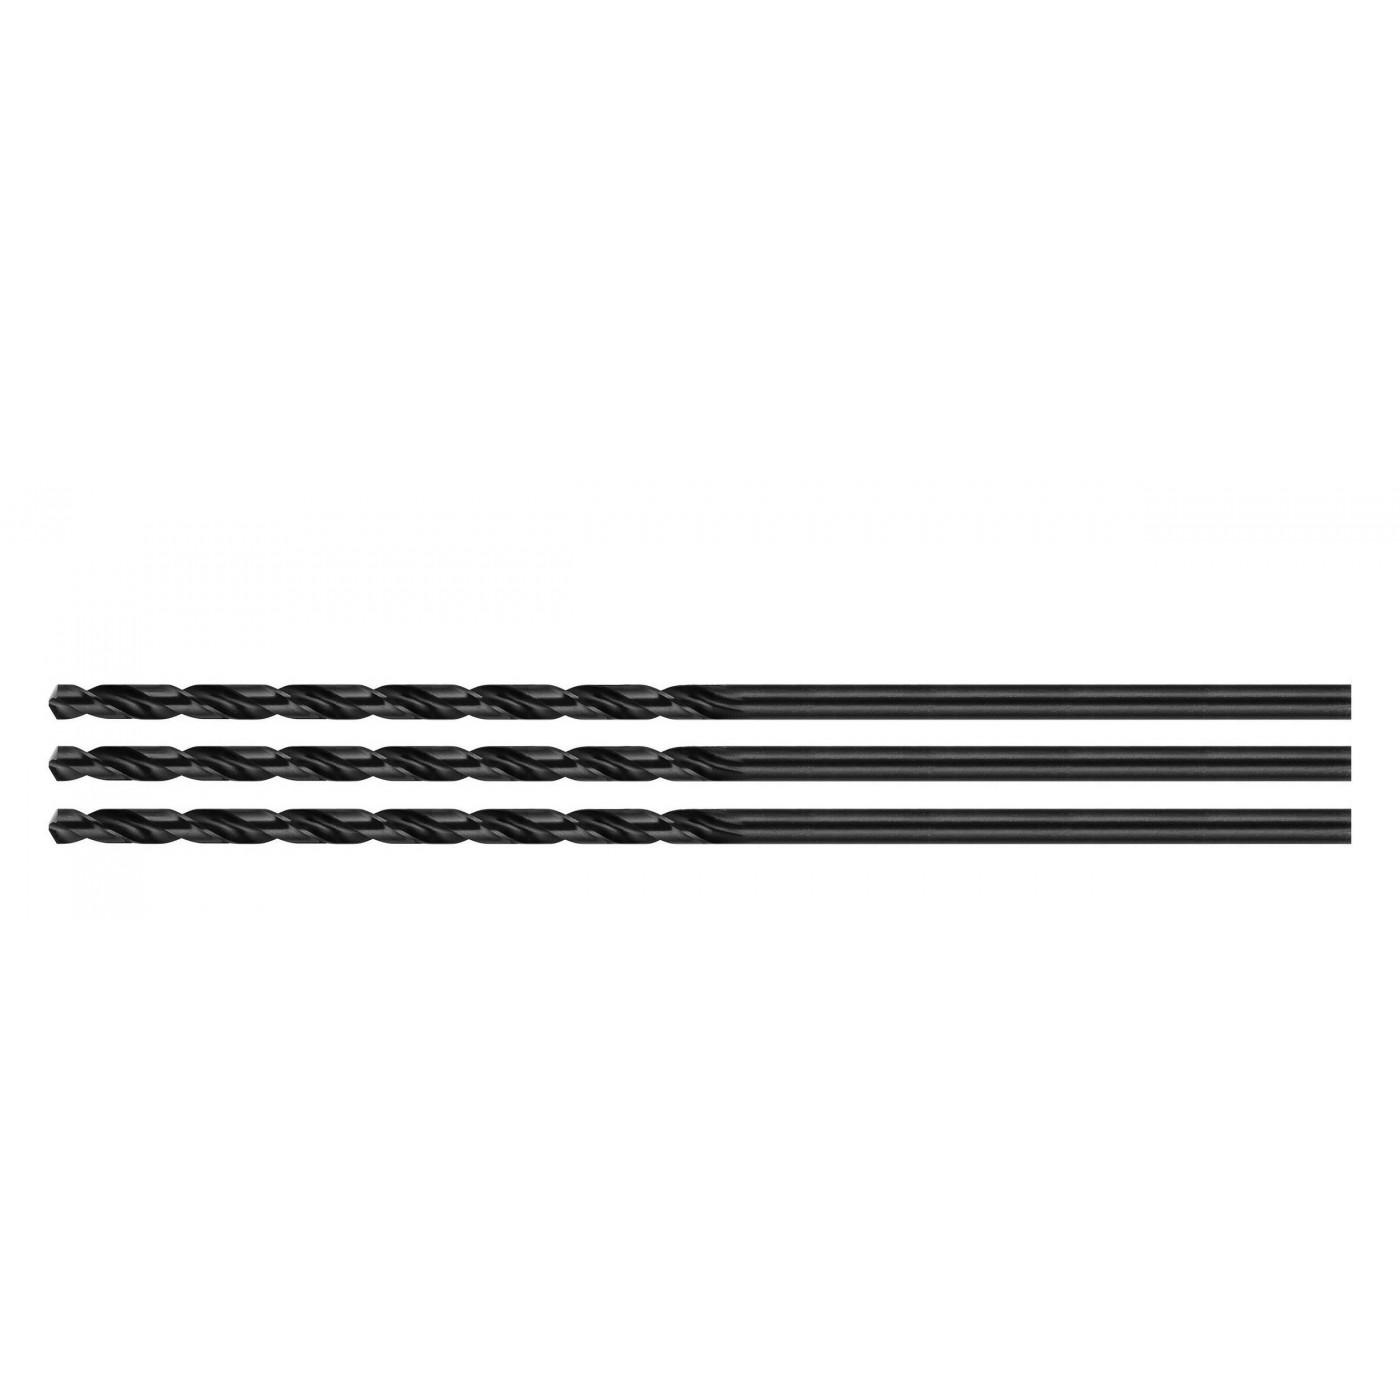 Set of 3 metal drill bits (HSS, 5.2x200 mm)